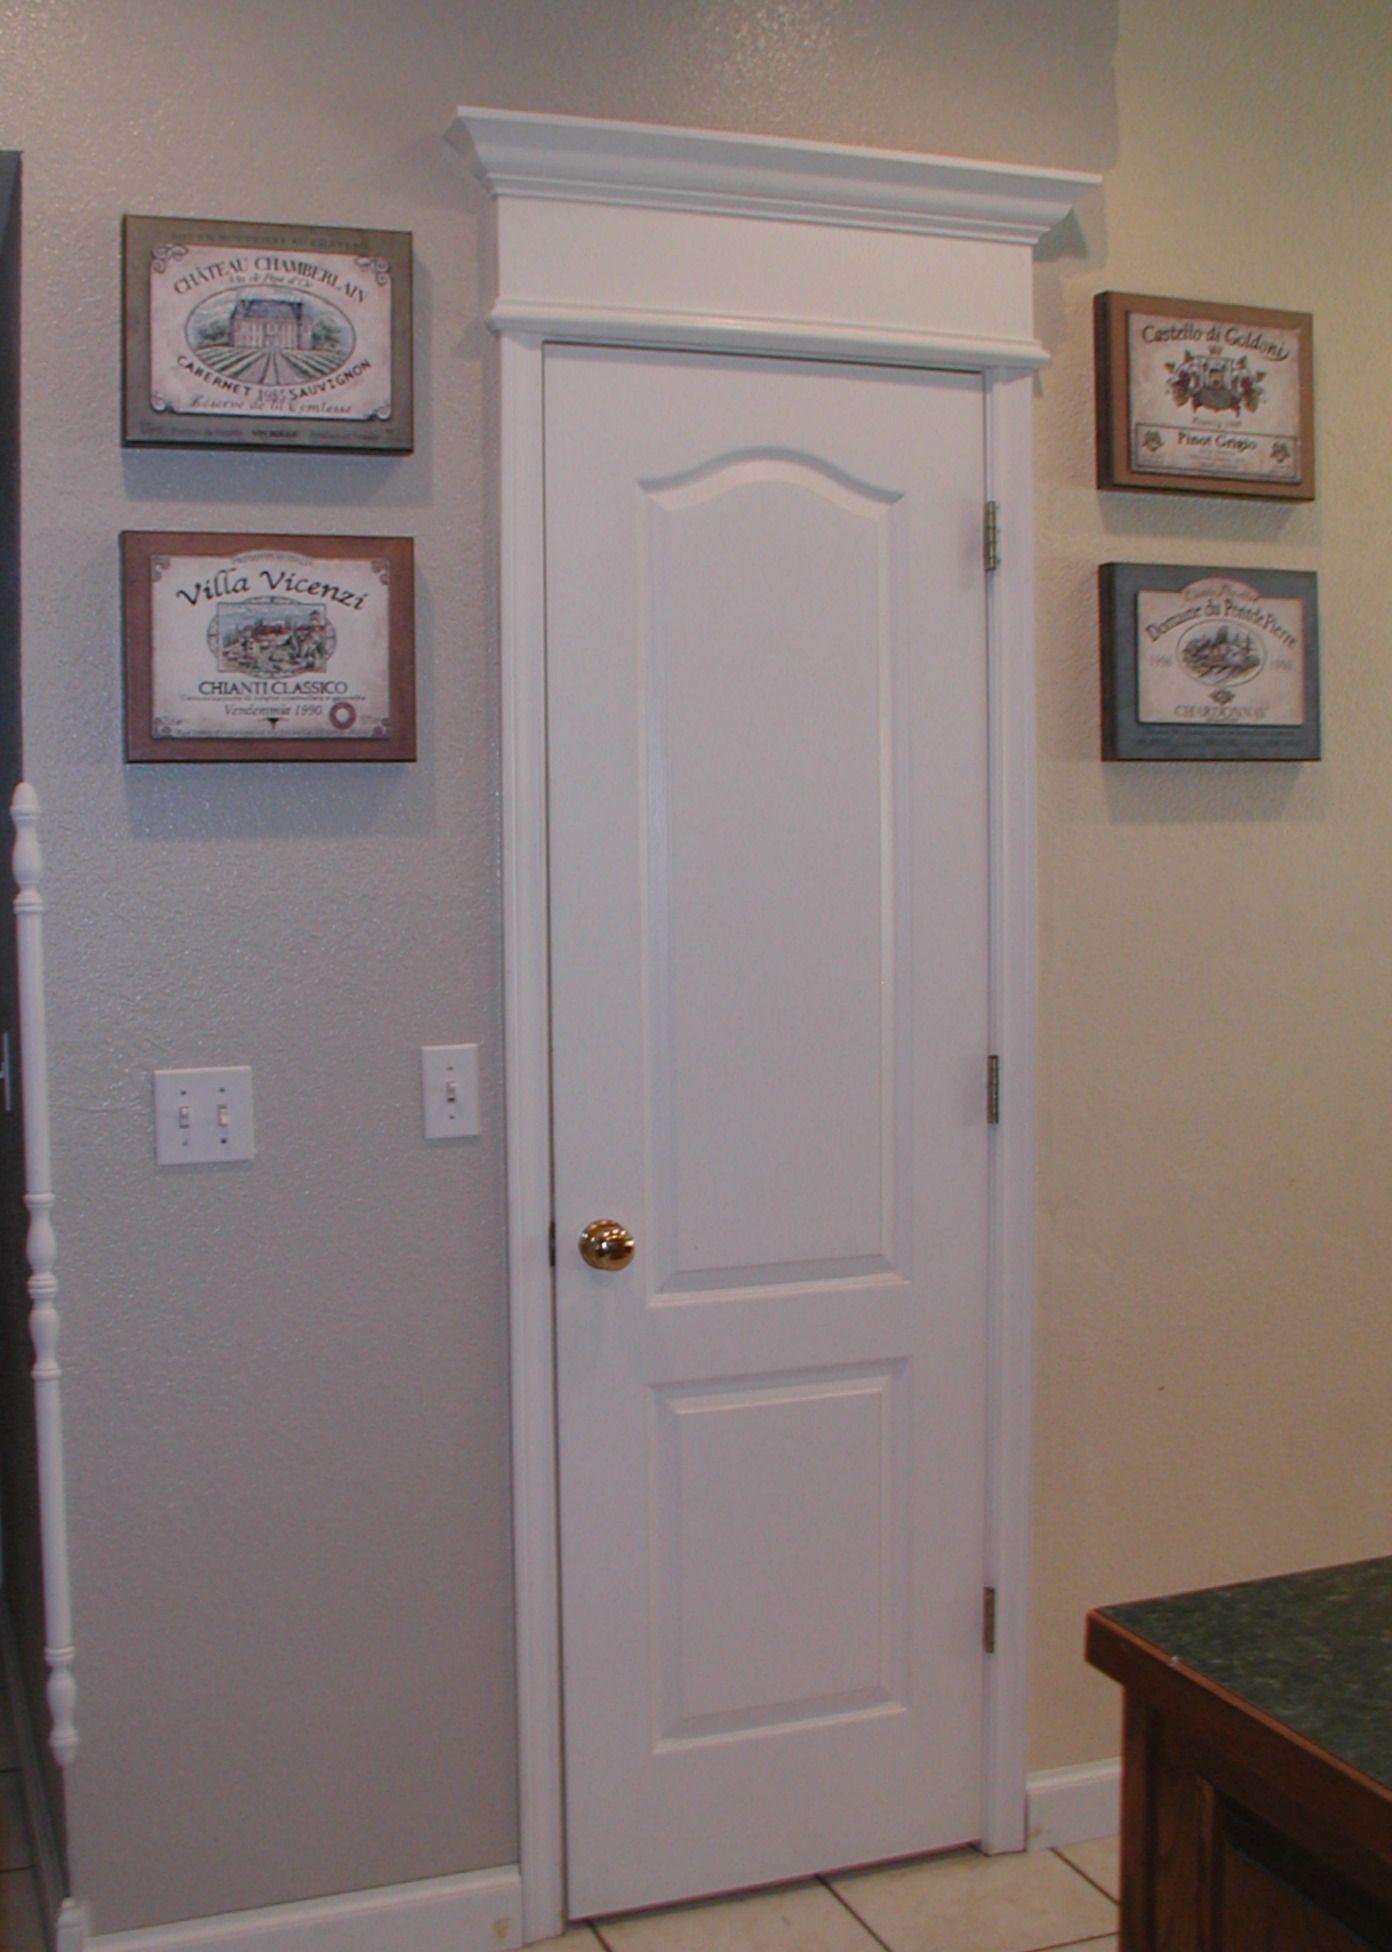 Over The Door 3 Tier Bathroom Towel Bar Rack Chrome W: Project: Cornice Of Crown Moulding Over Door